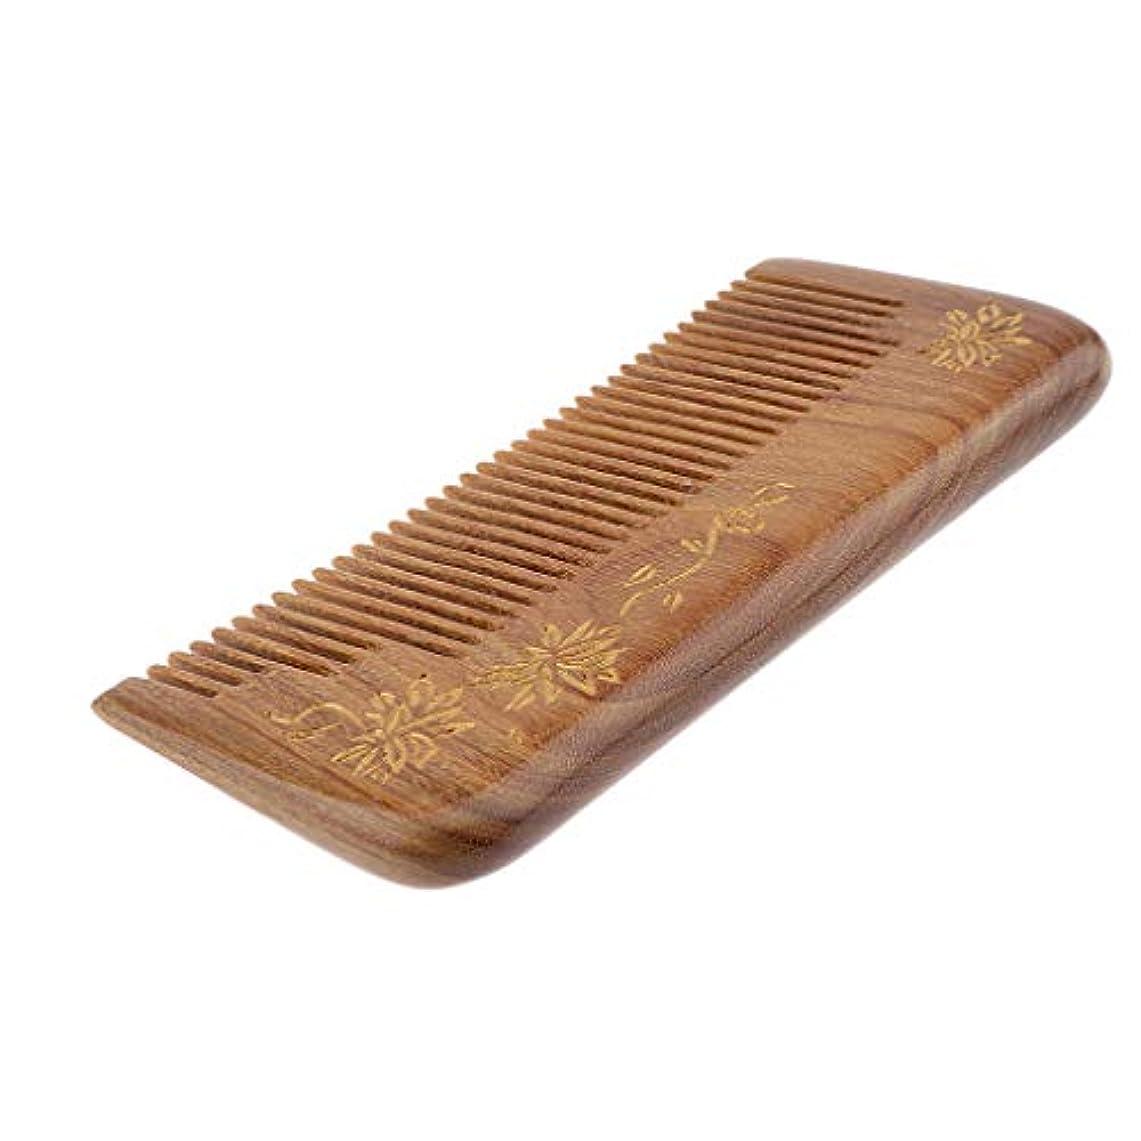 化合物タイピストテーブル帯電防止櫛 ヘアブラシ 木製櫛 広い歯 自然な木 マッサージ櫛 プレゼント 4仕様選べ - #3